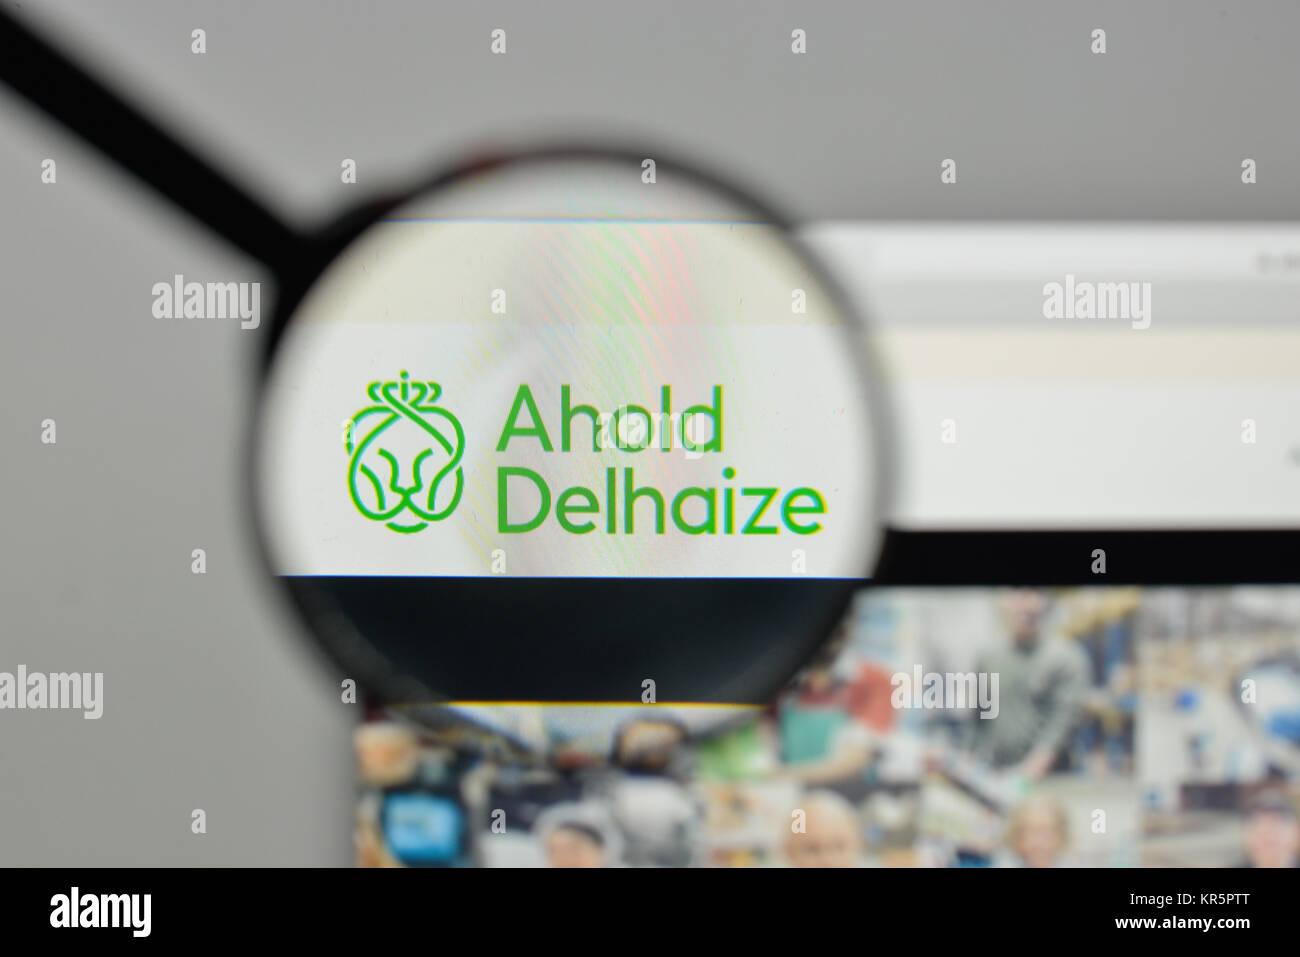 Imágenes Alamy Ahold Delhaize Fotos De Stockamp; A5Rq34jL